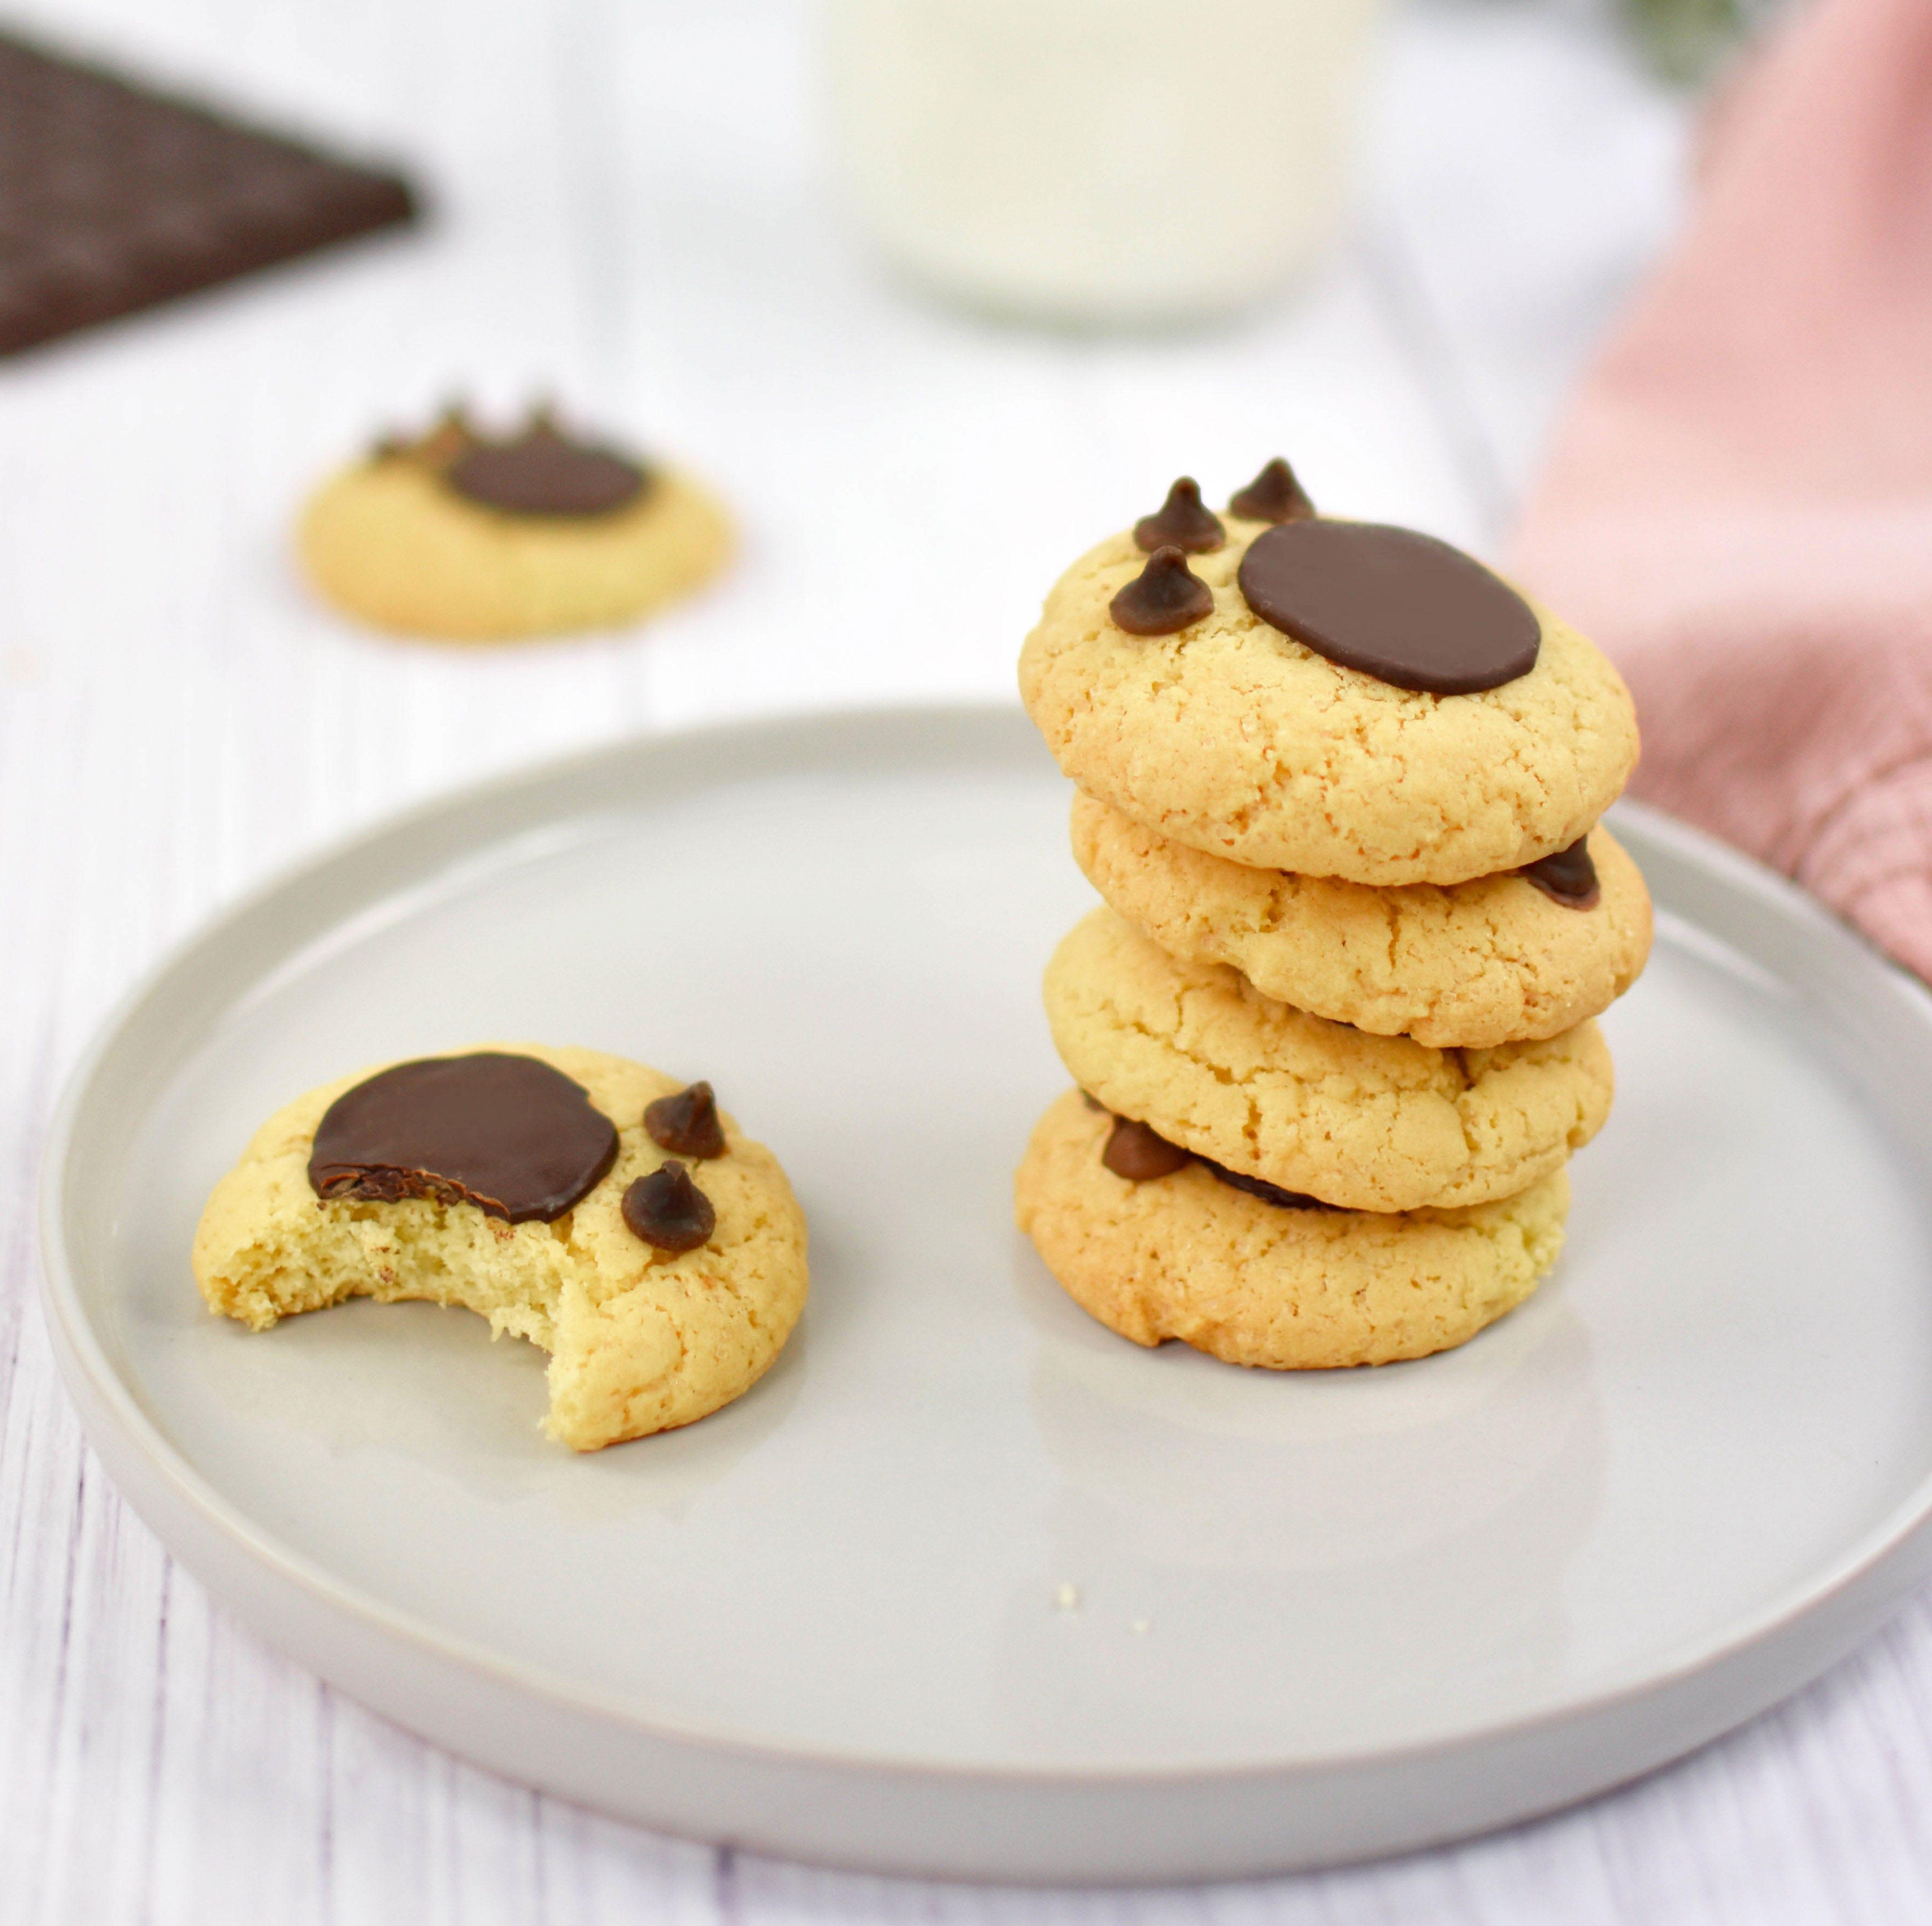 Chi ha lasciato quelle impronte sui biscotti?